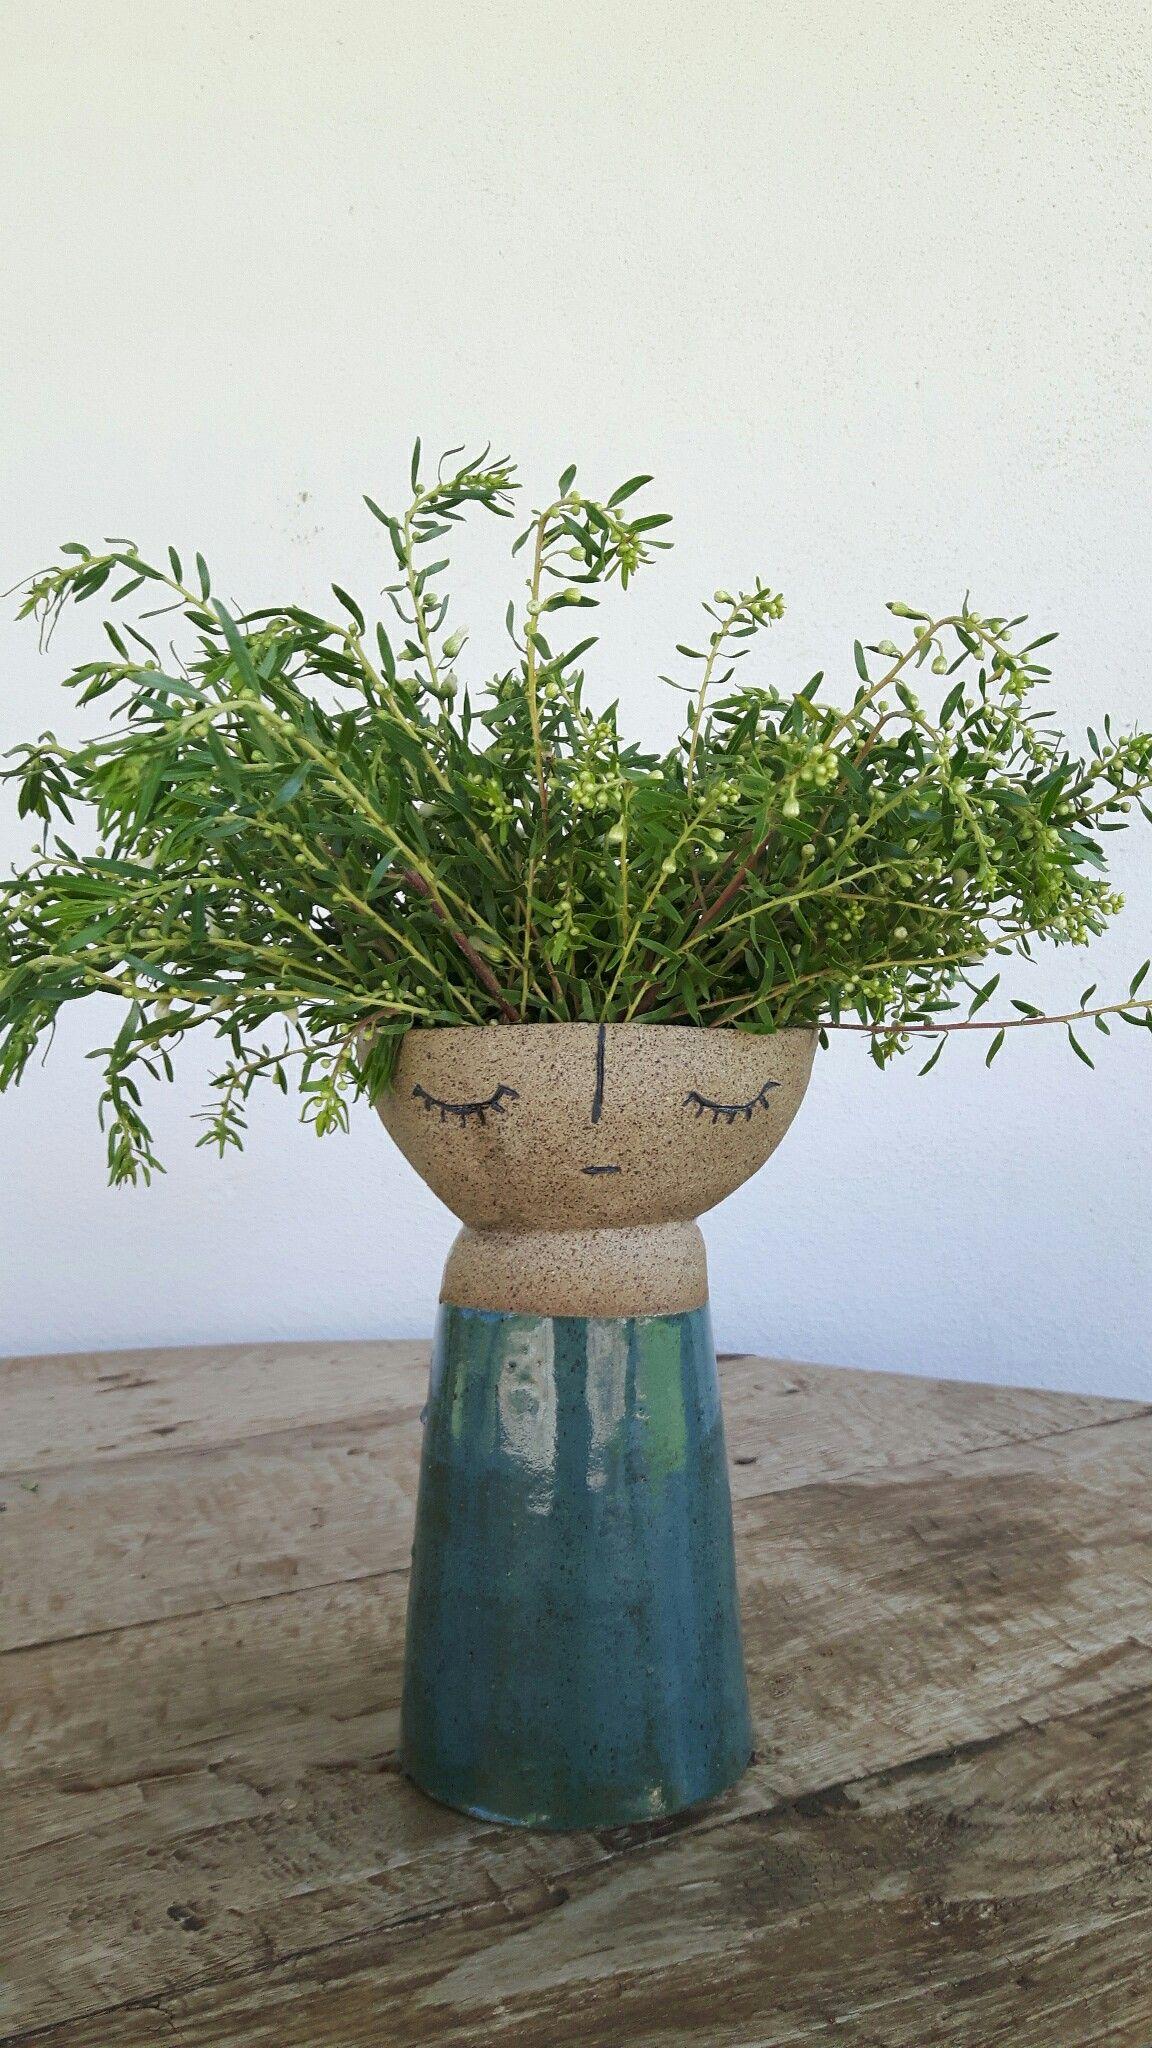 Vaso de Cerâmica Dolce Lari feito a mão. Handmade / Fatto a mano / Slow Design / Pottery